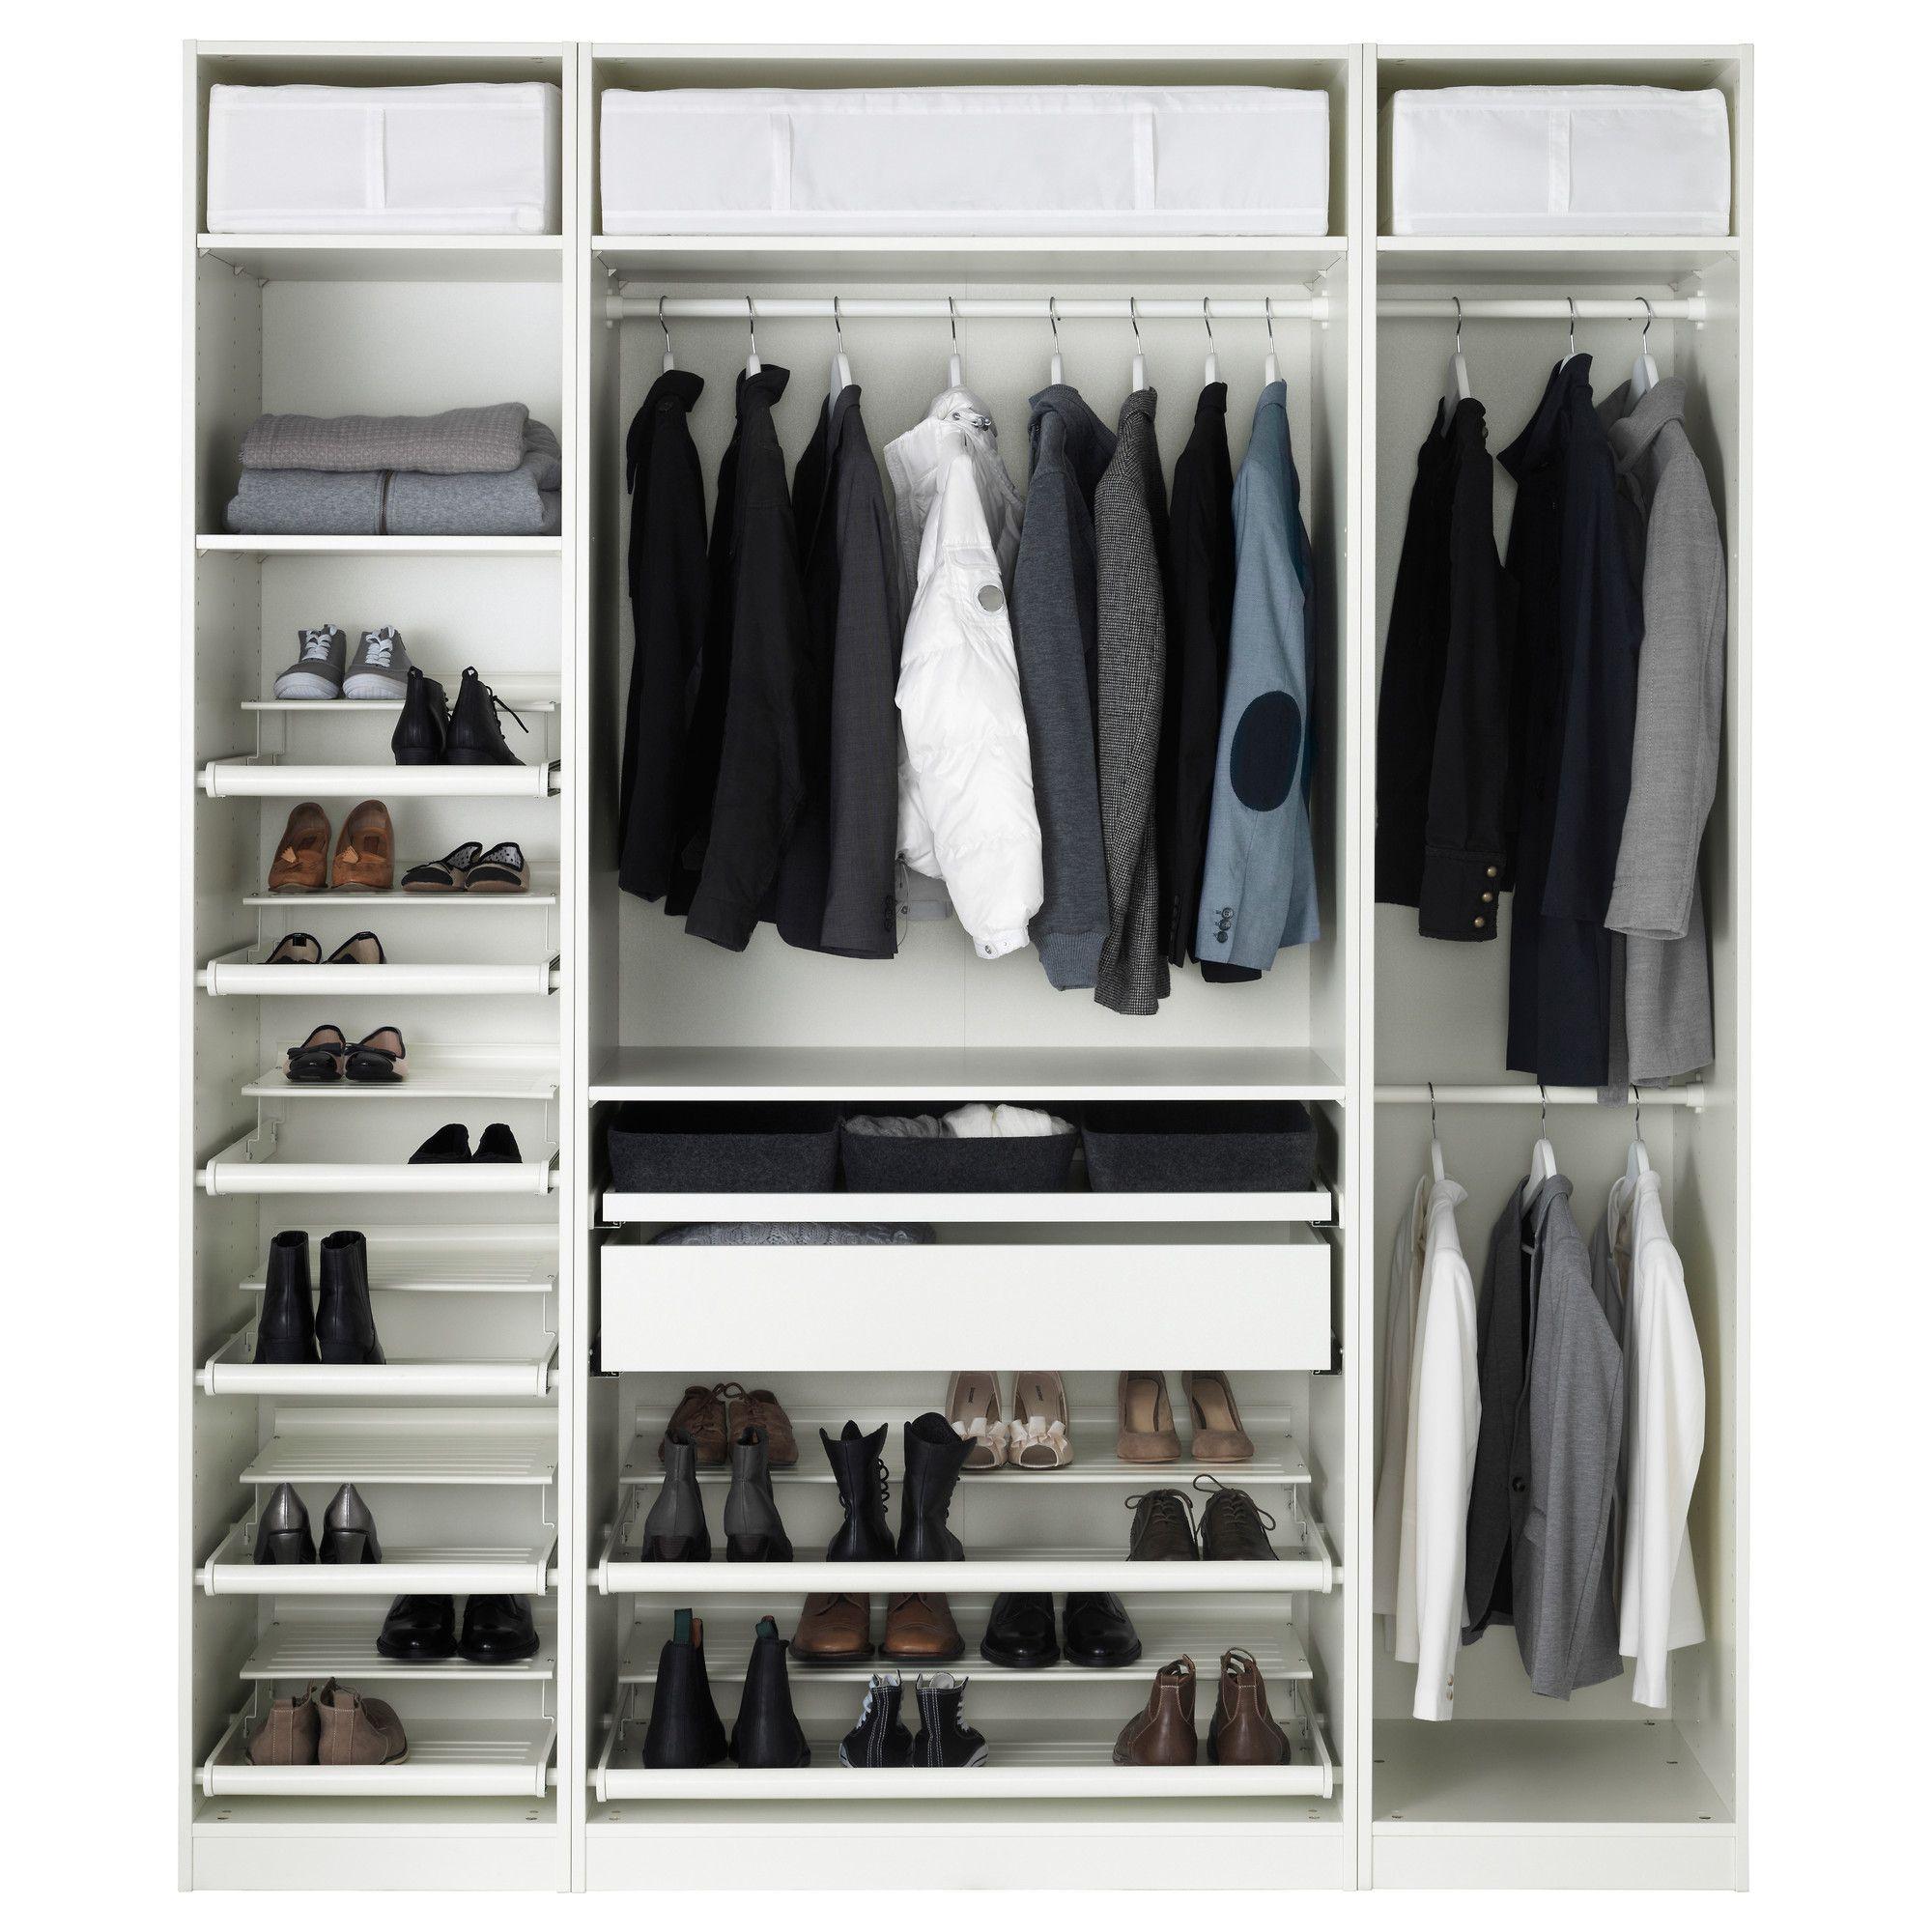 wardrobe accessories ikea - Google Search